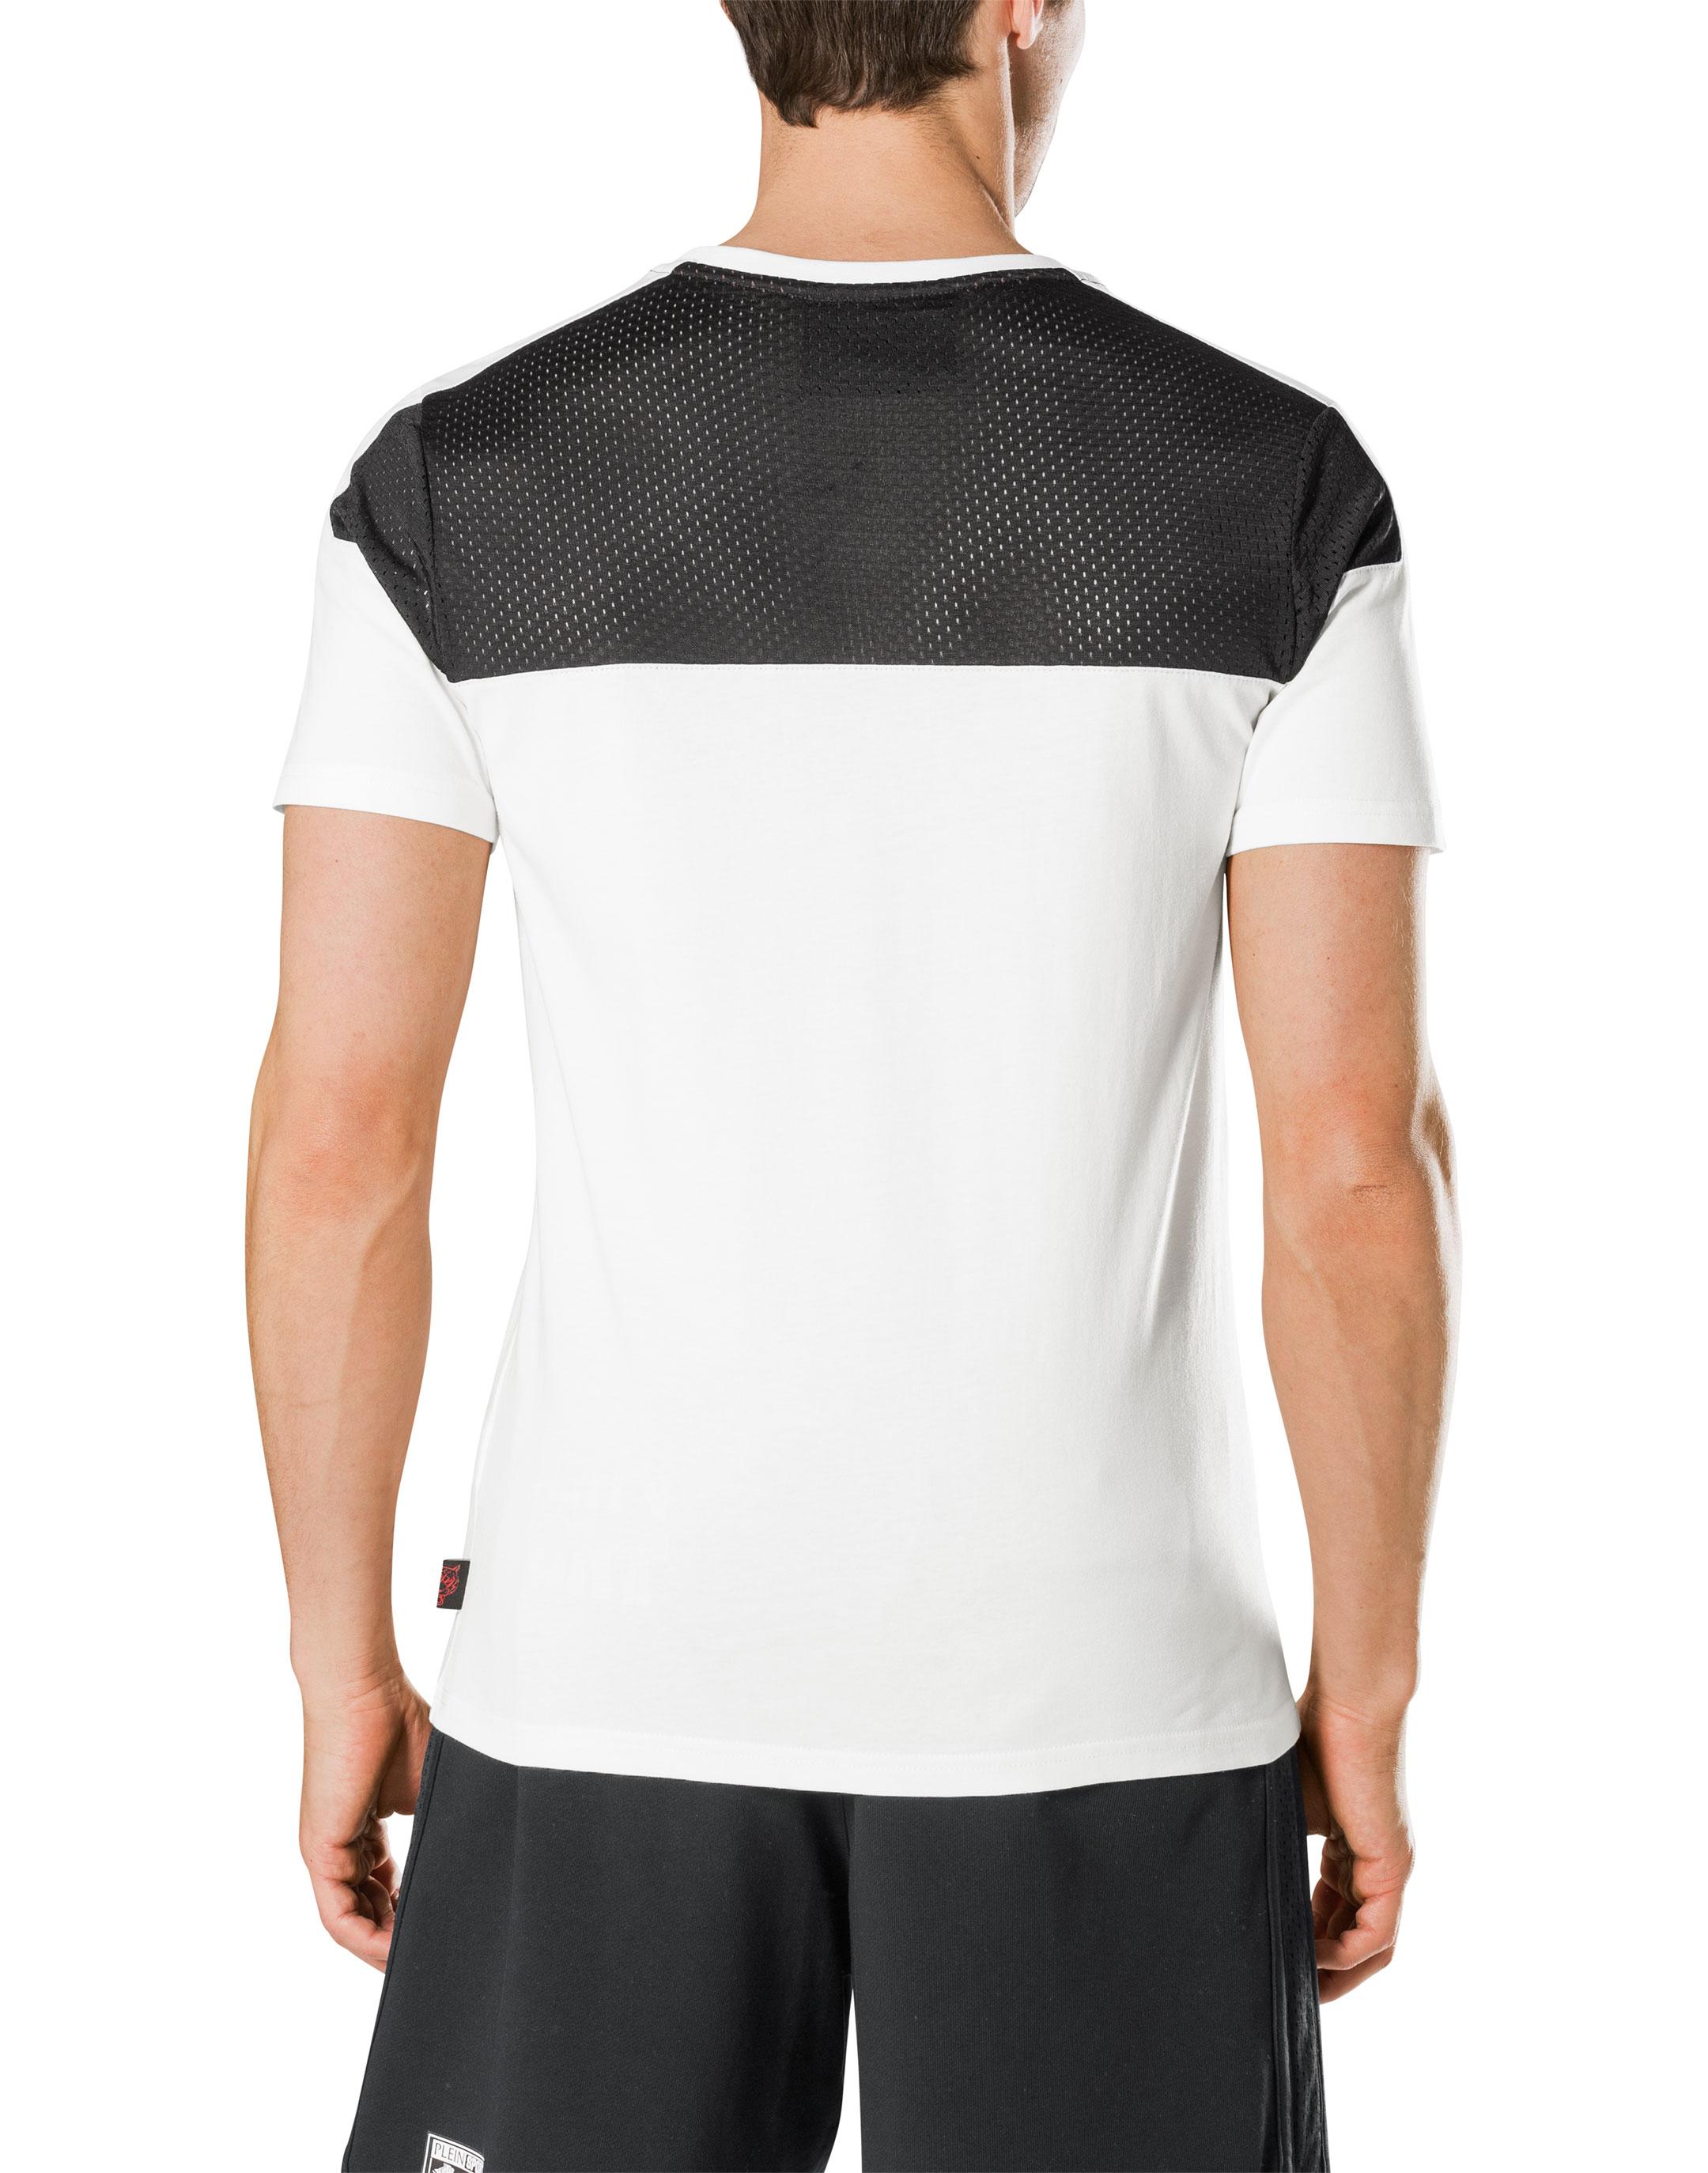 Black t shirt round neck - T Shirt Round Neck Ss The Ring